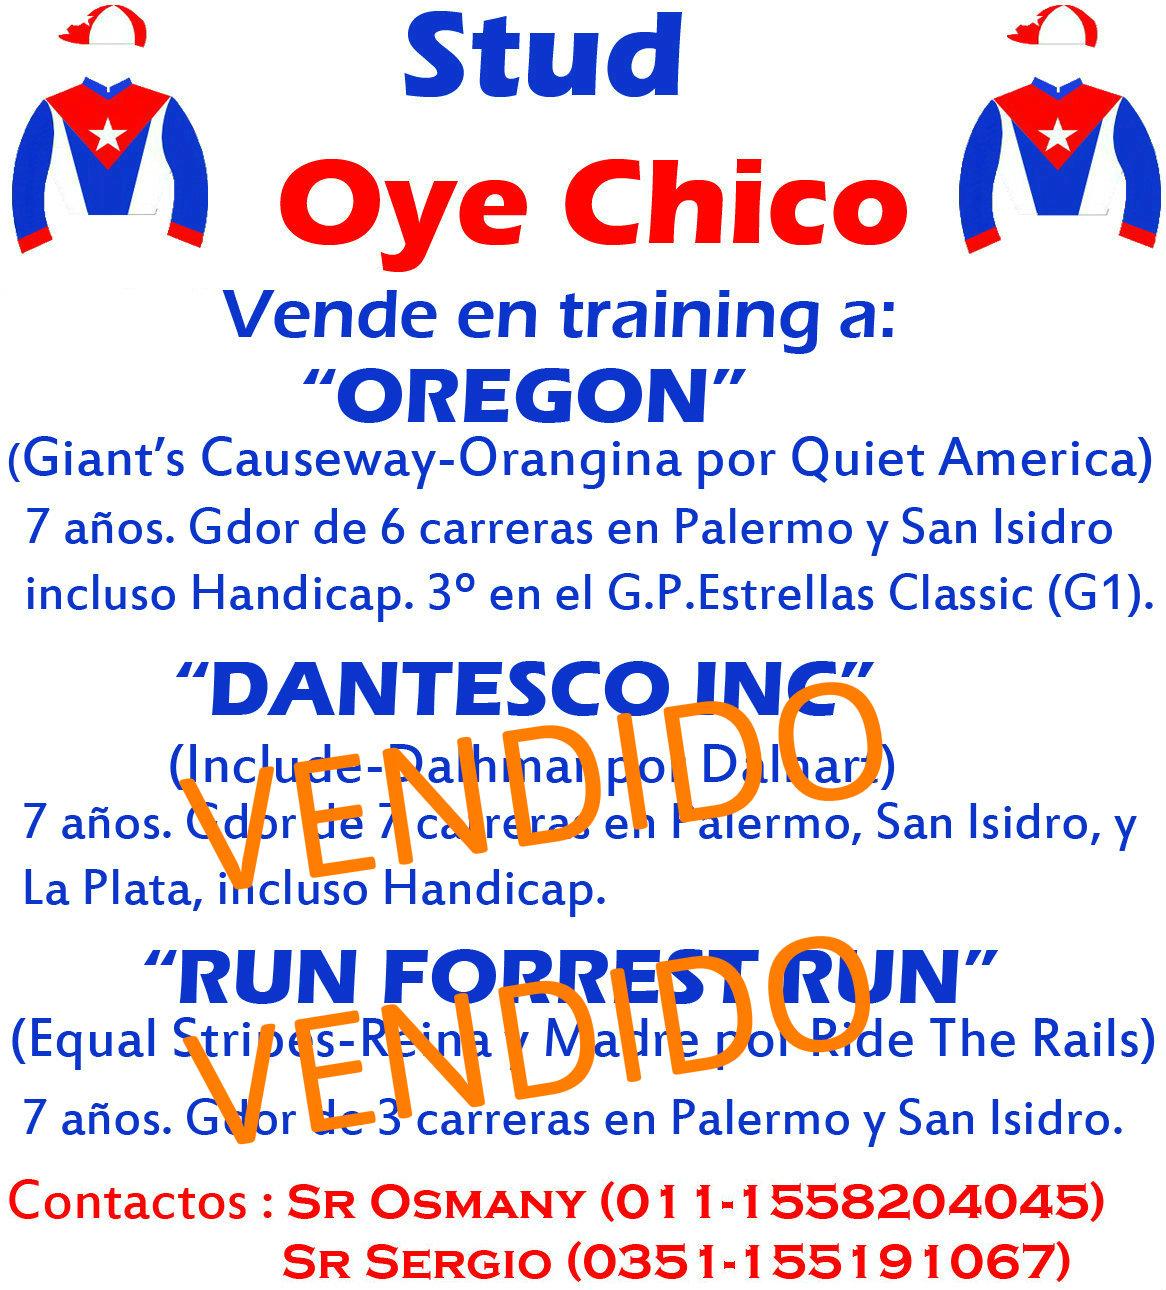 OYE CHICO TRAINING